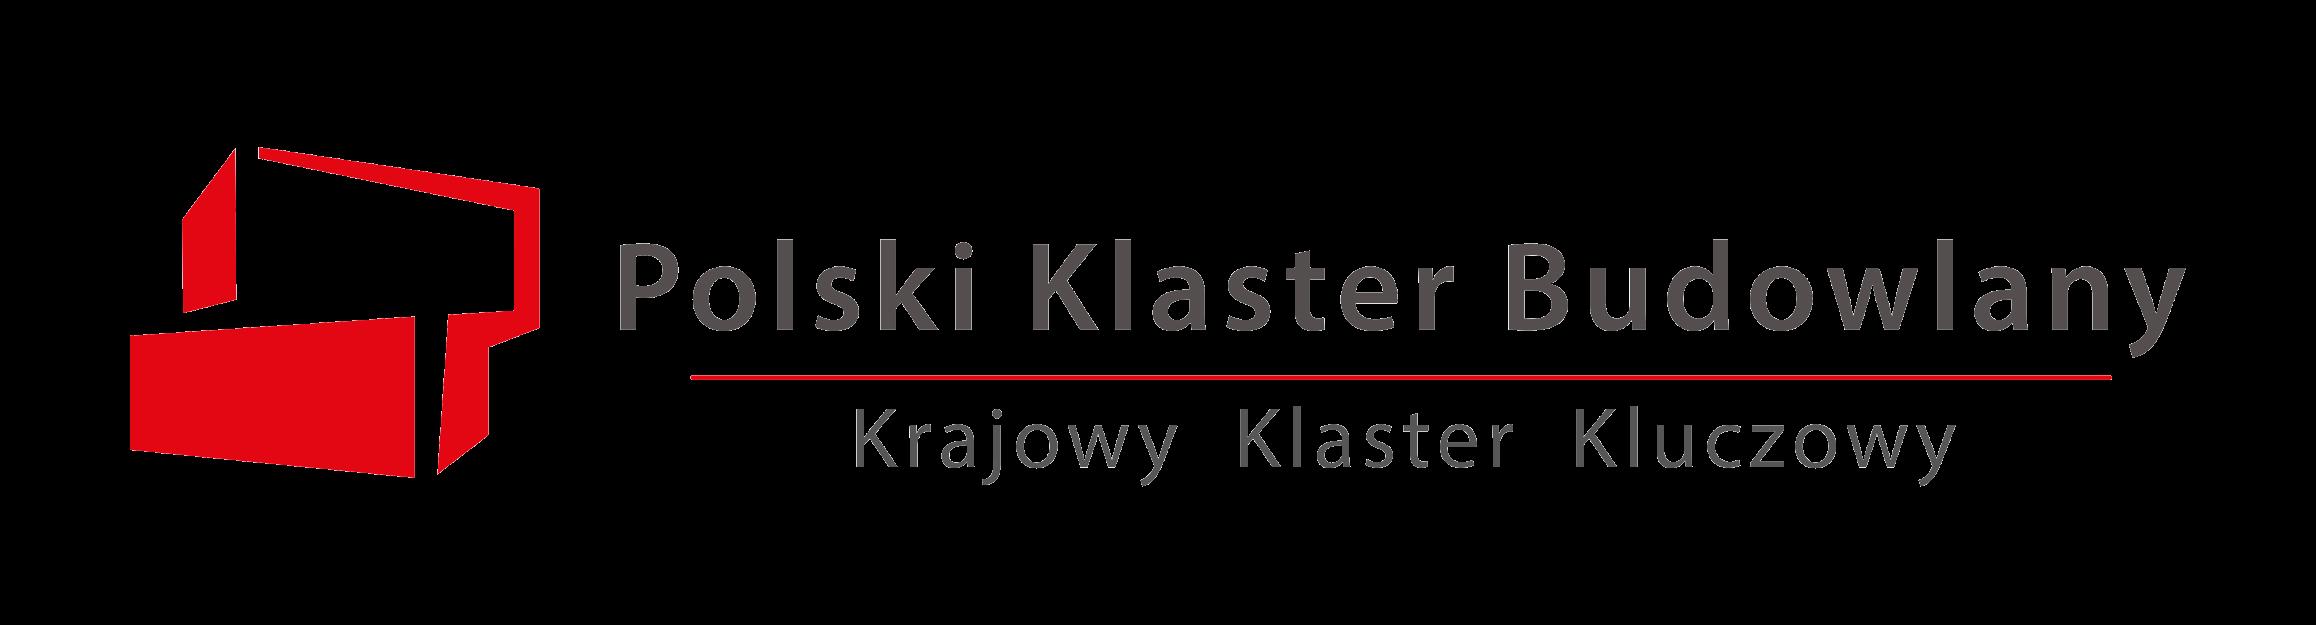 Polski Klaster Budowlany logo